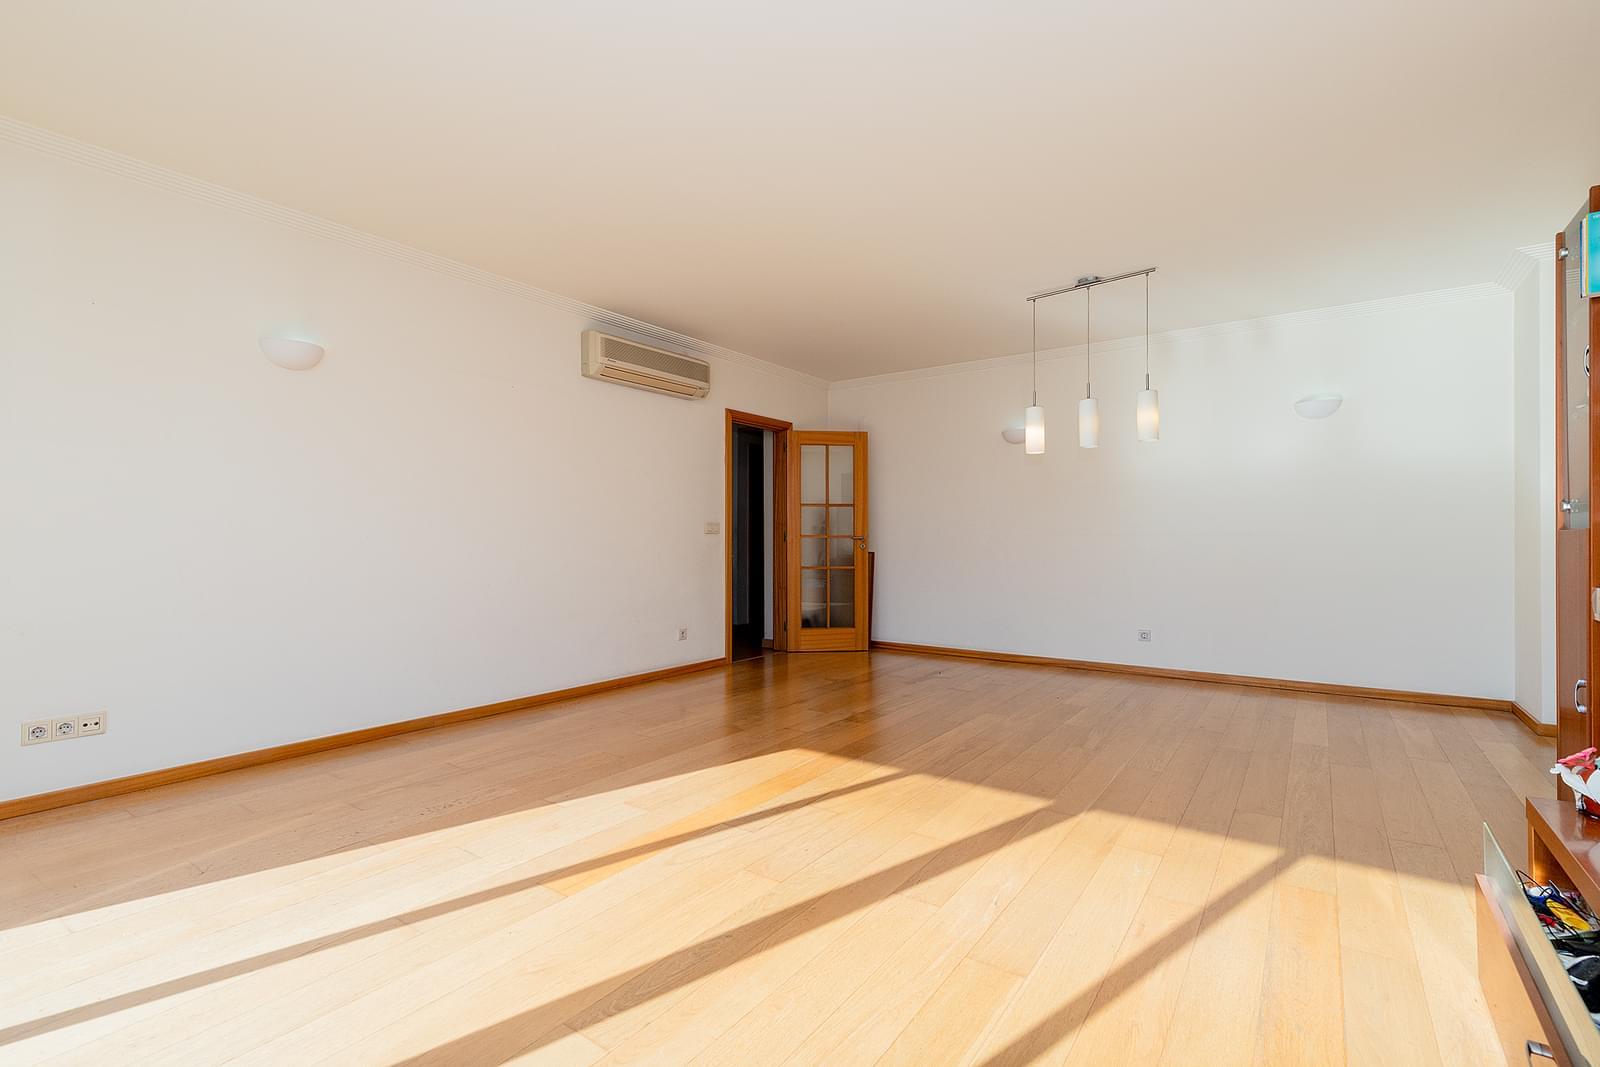 pf18953-apartamento-t3-lisboa-97dba7cb-346f-4a86-9e48-90224f21ab8a